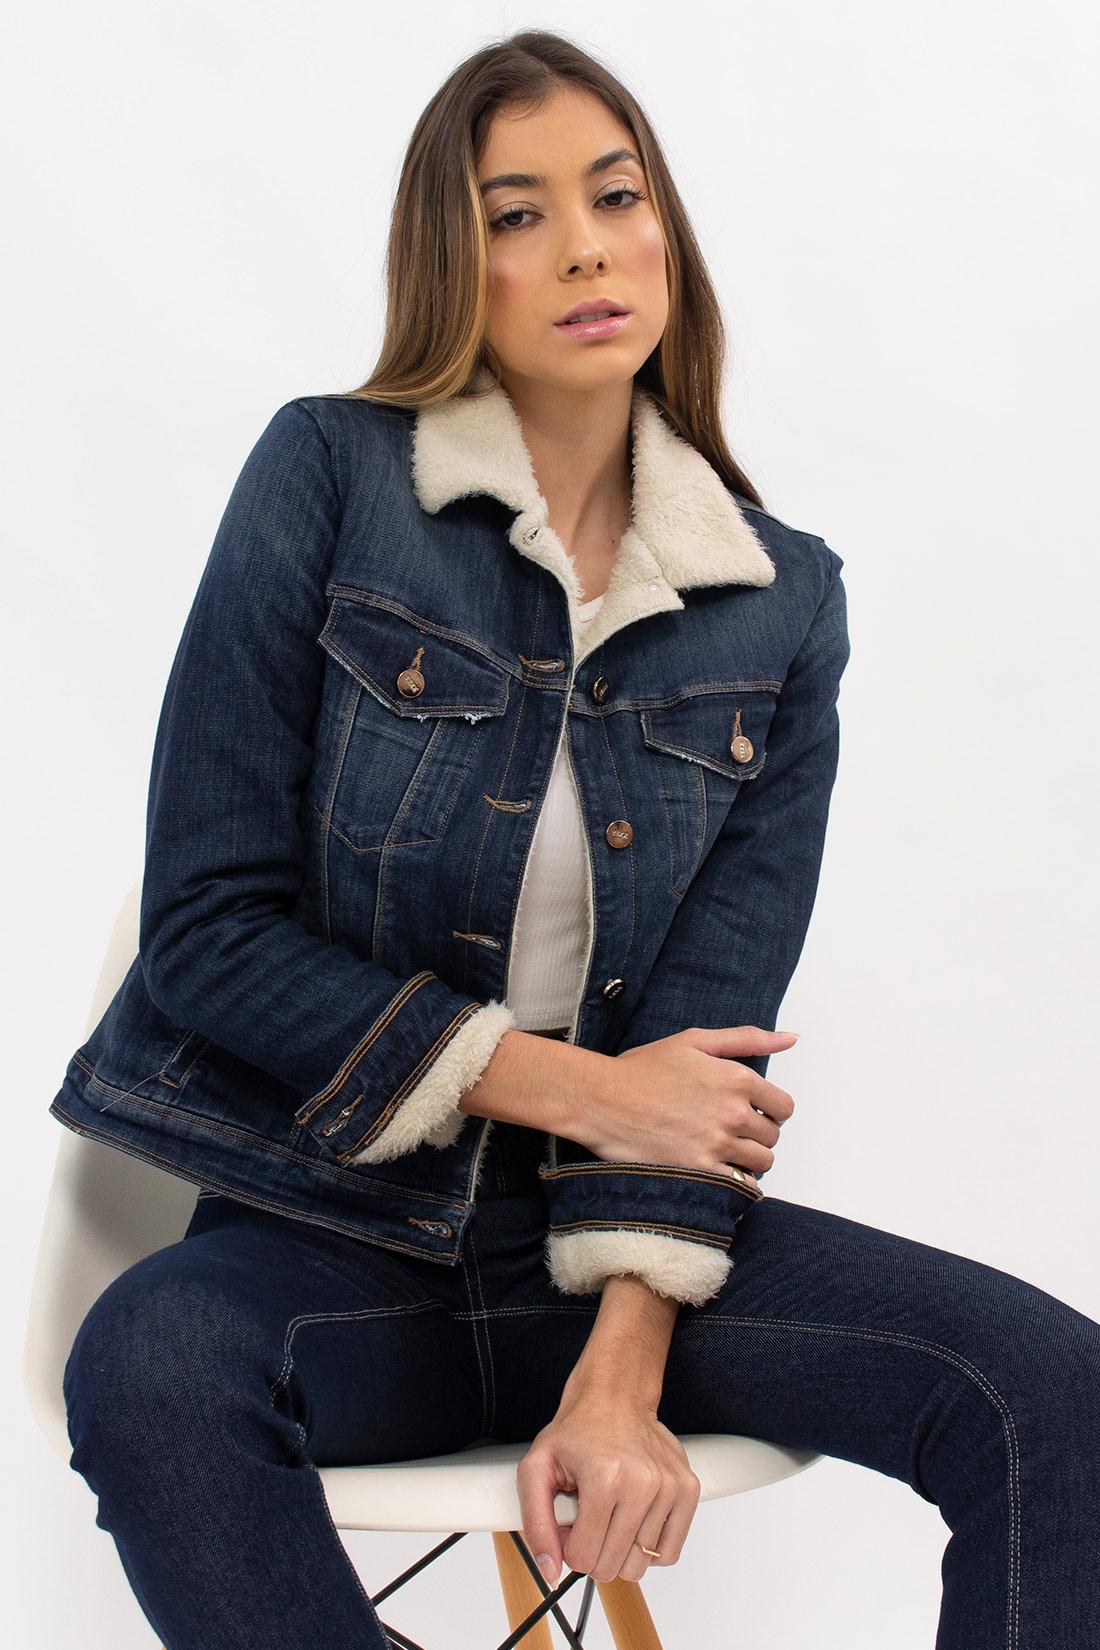 Jaqueta Jeans Yexx Forrada Pelinho